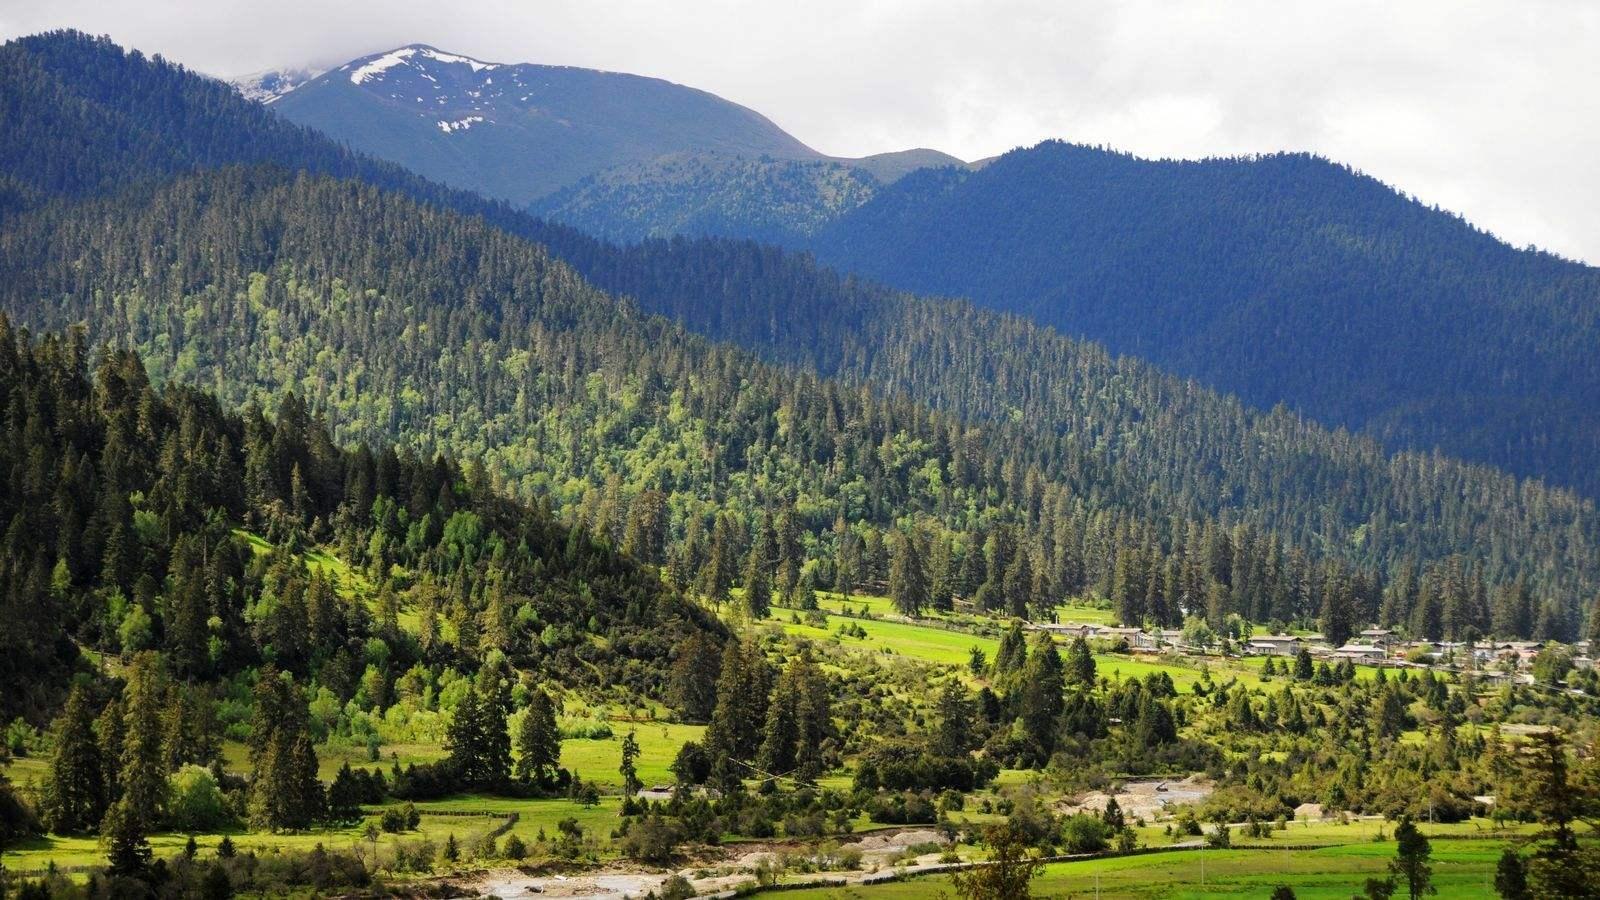 去西藏旅游,这些地方不能去,否则你可能受骗上当!